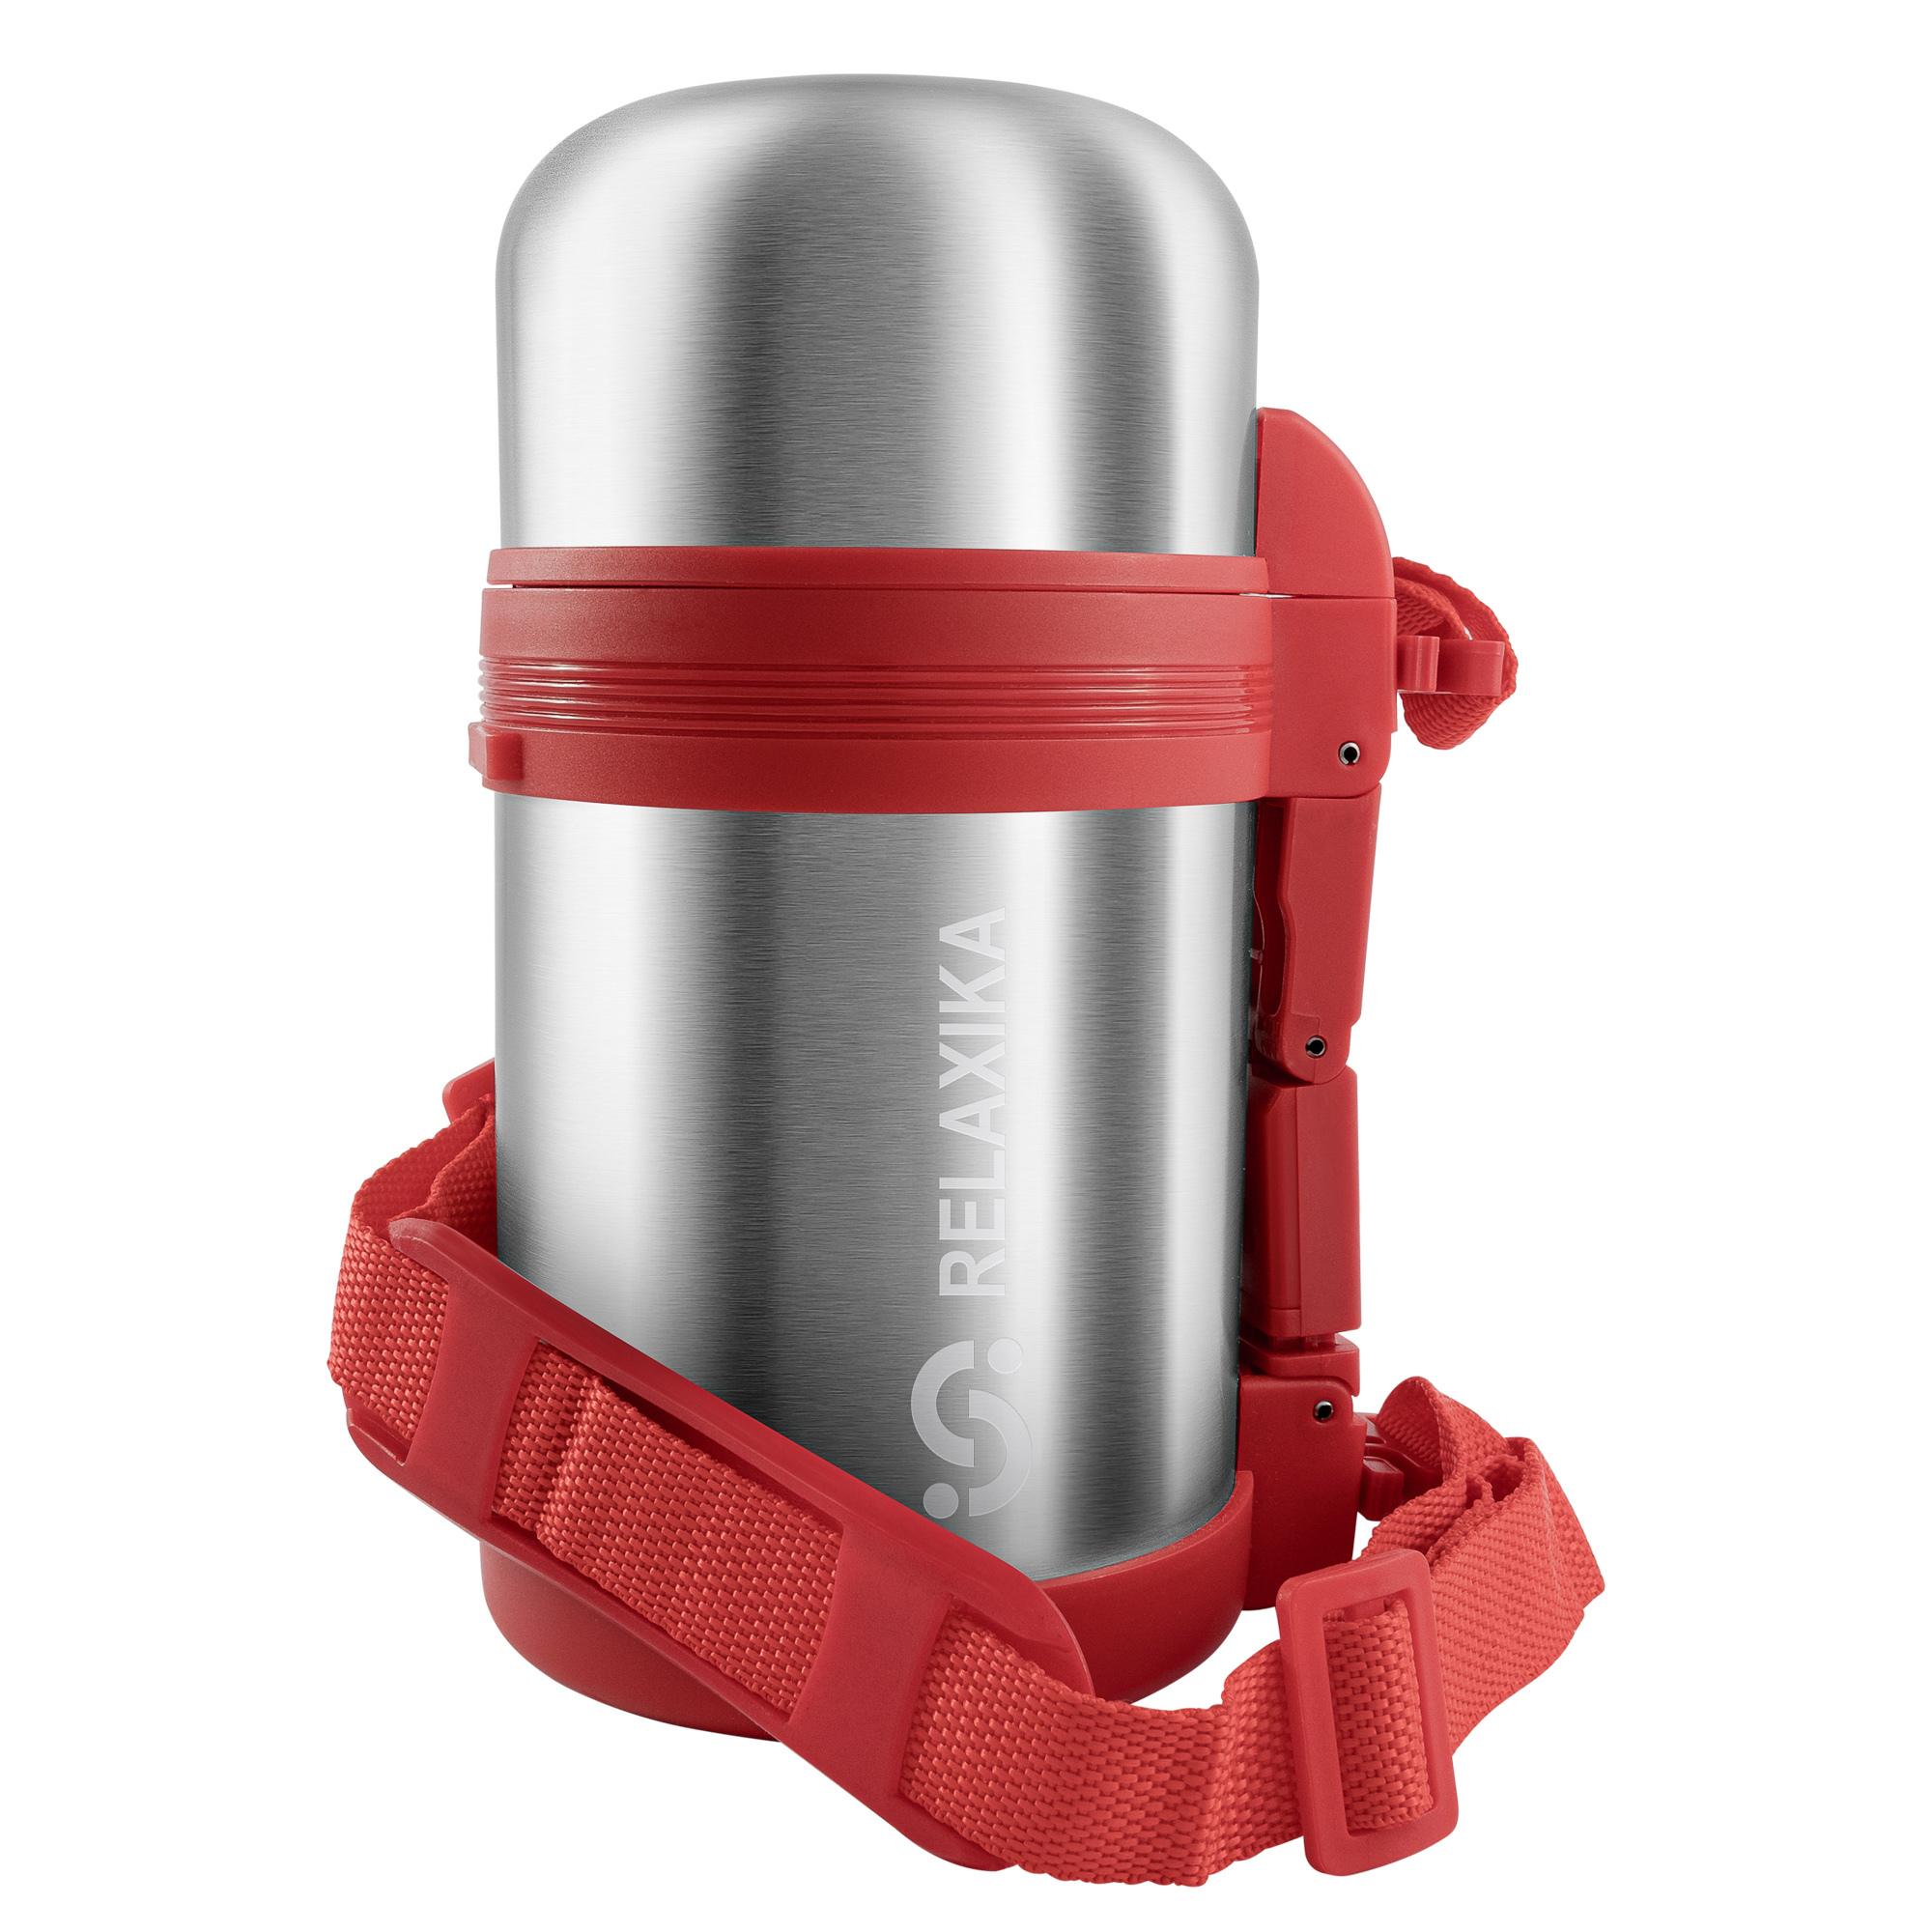 Термос универсальный (для еды и напитков) Relaxika 201 (0,8 литра), стальной